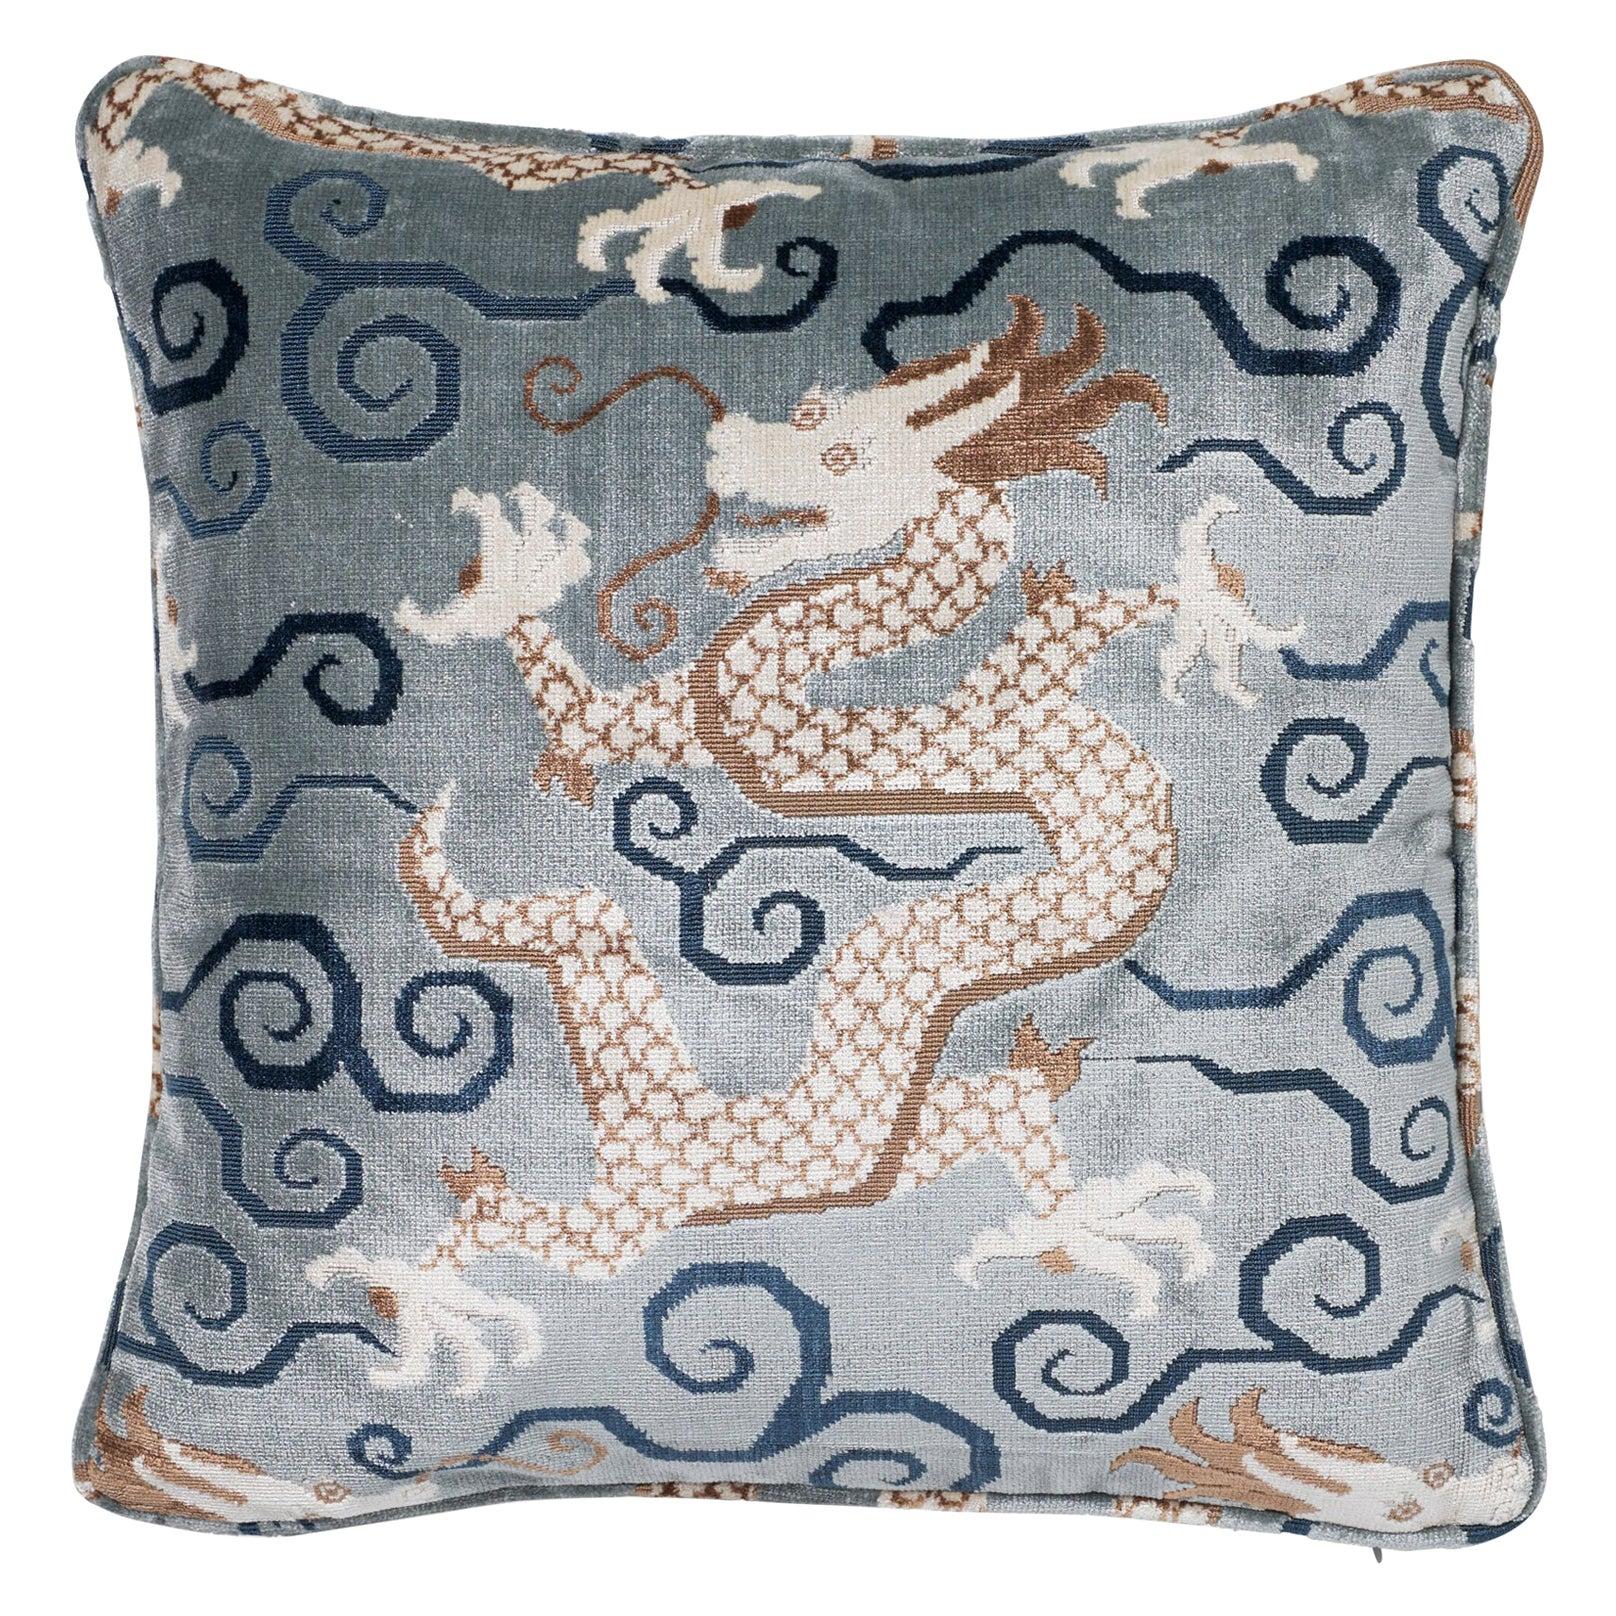 Schumacher Bixi Velvet Celestine Two-Sided Pillow